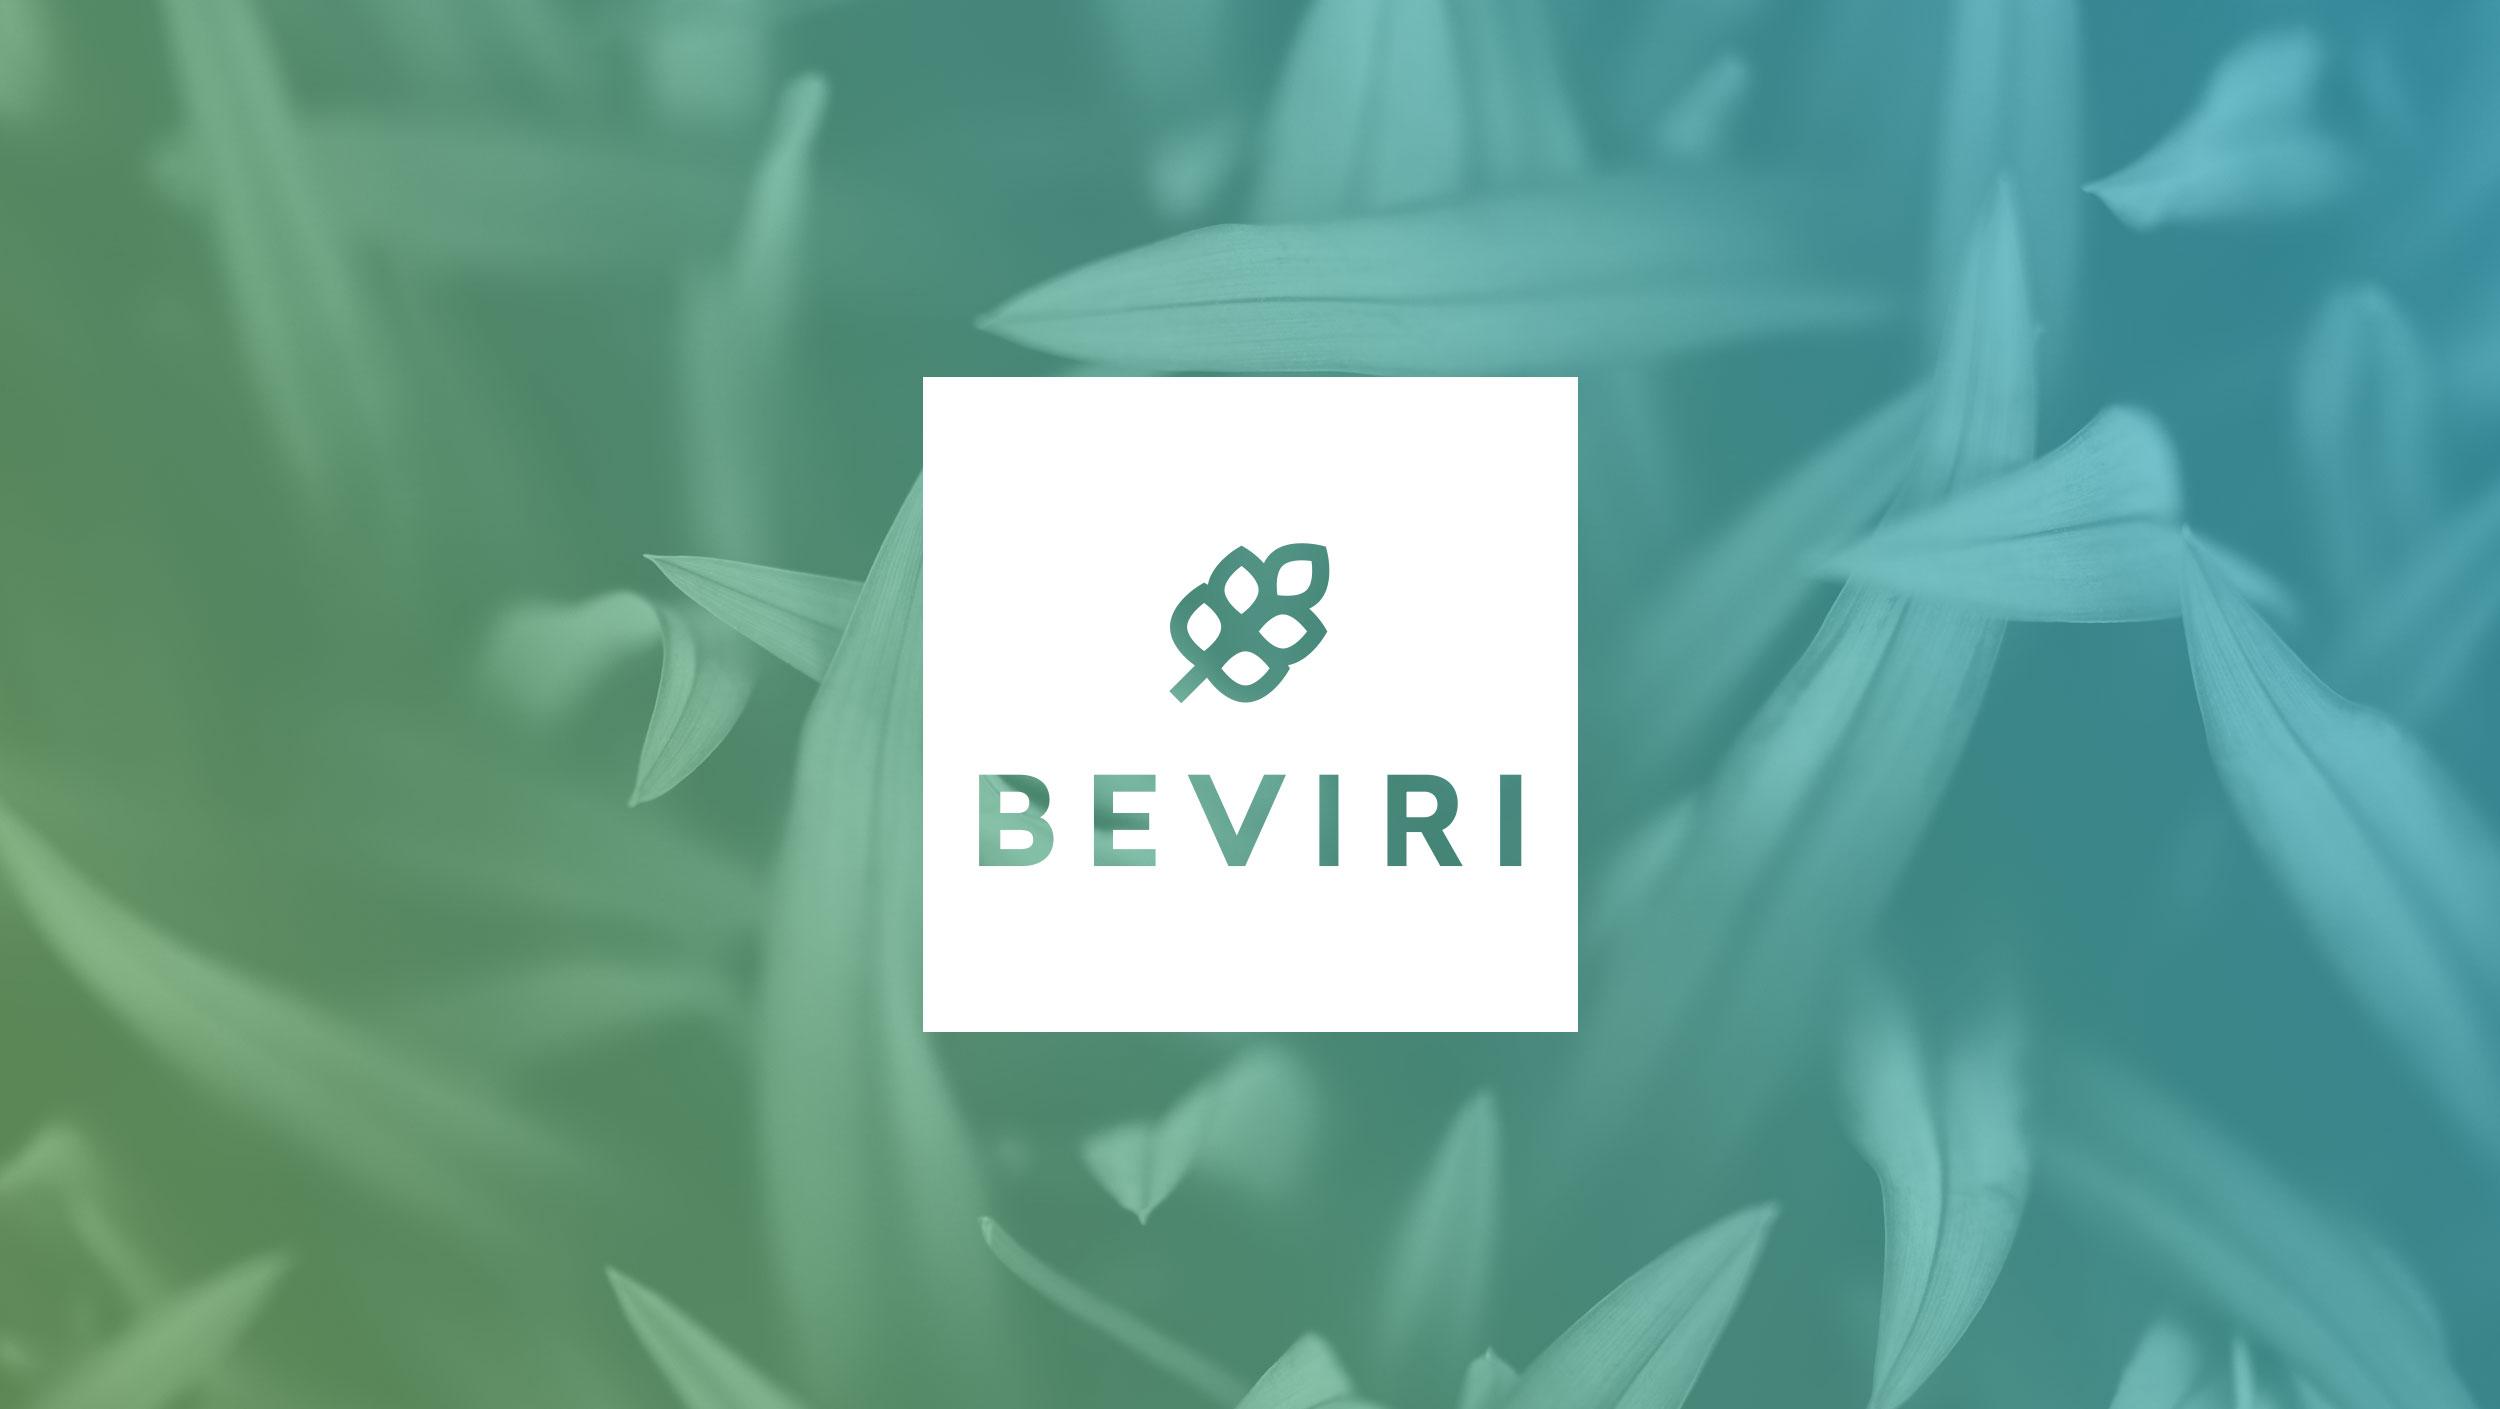 BEVIRI1.png